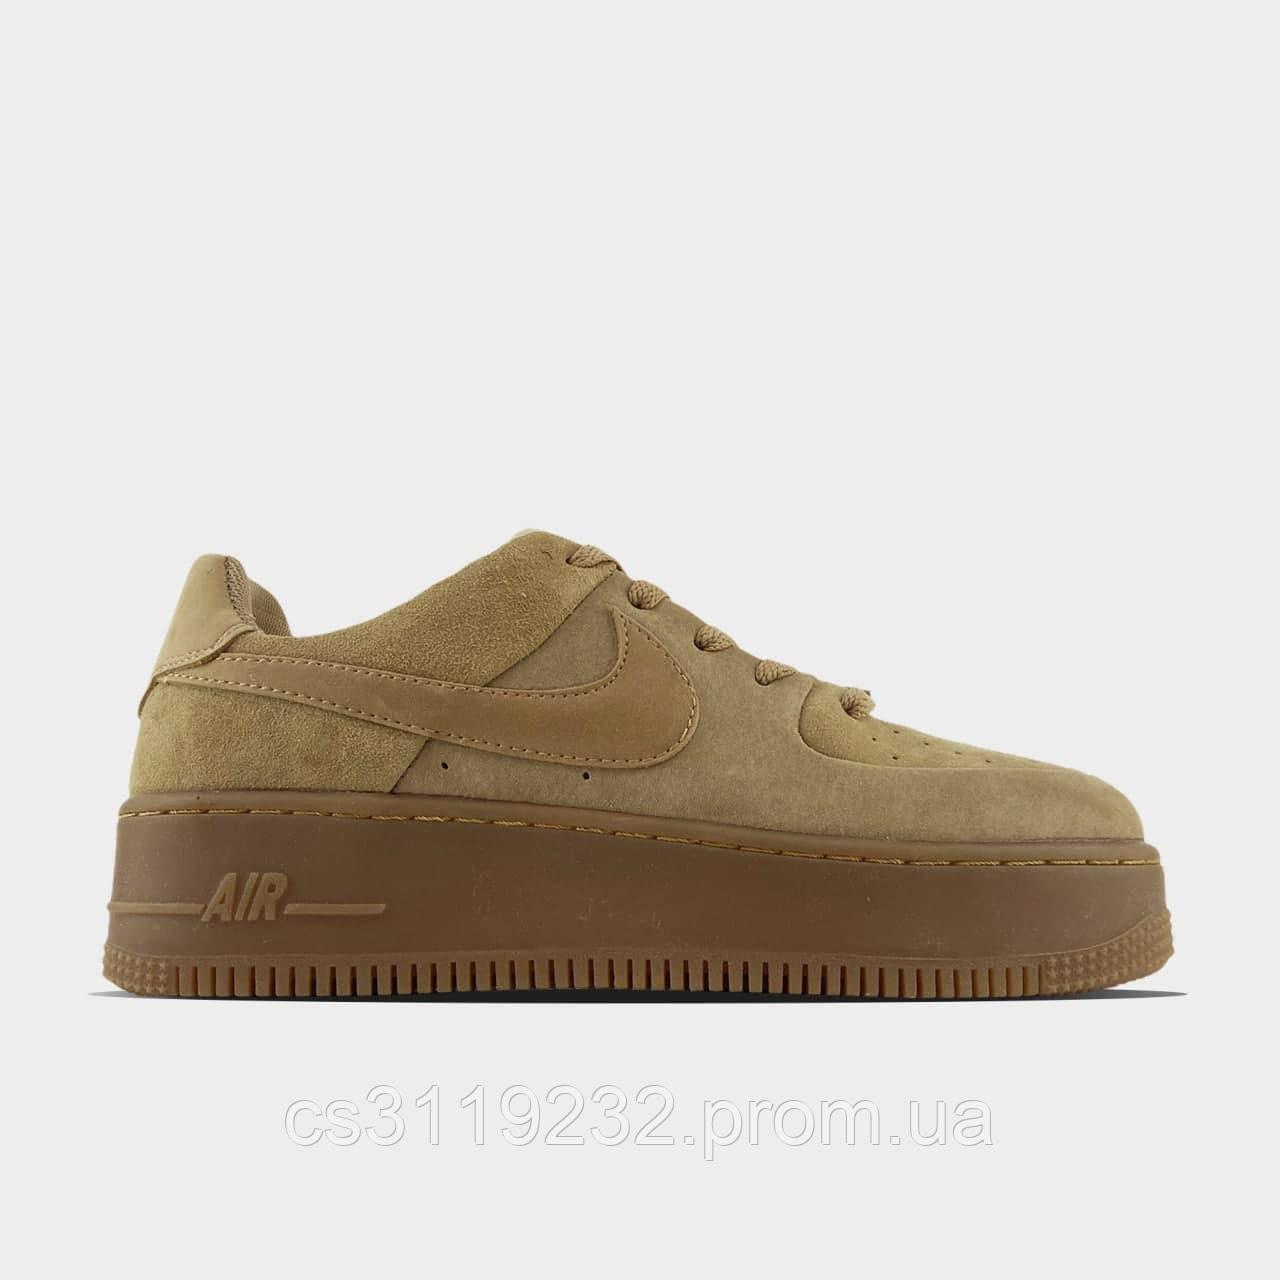 Жіночі кросівки Nike Air Force 1 Sage Low Club Gold (бежевий)